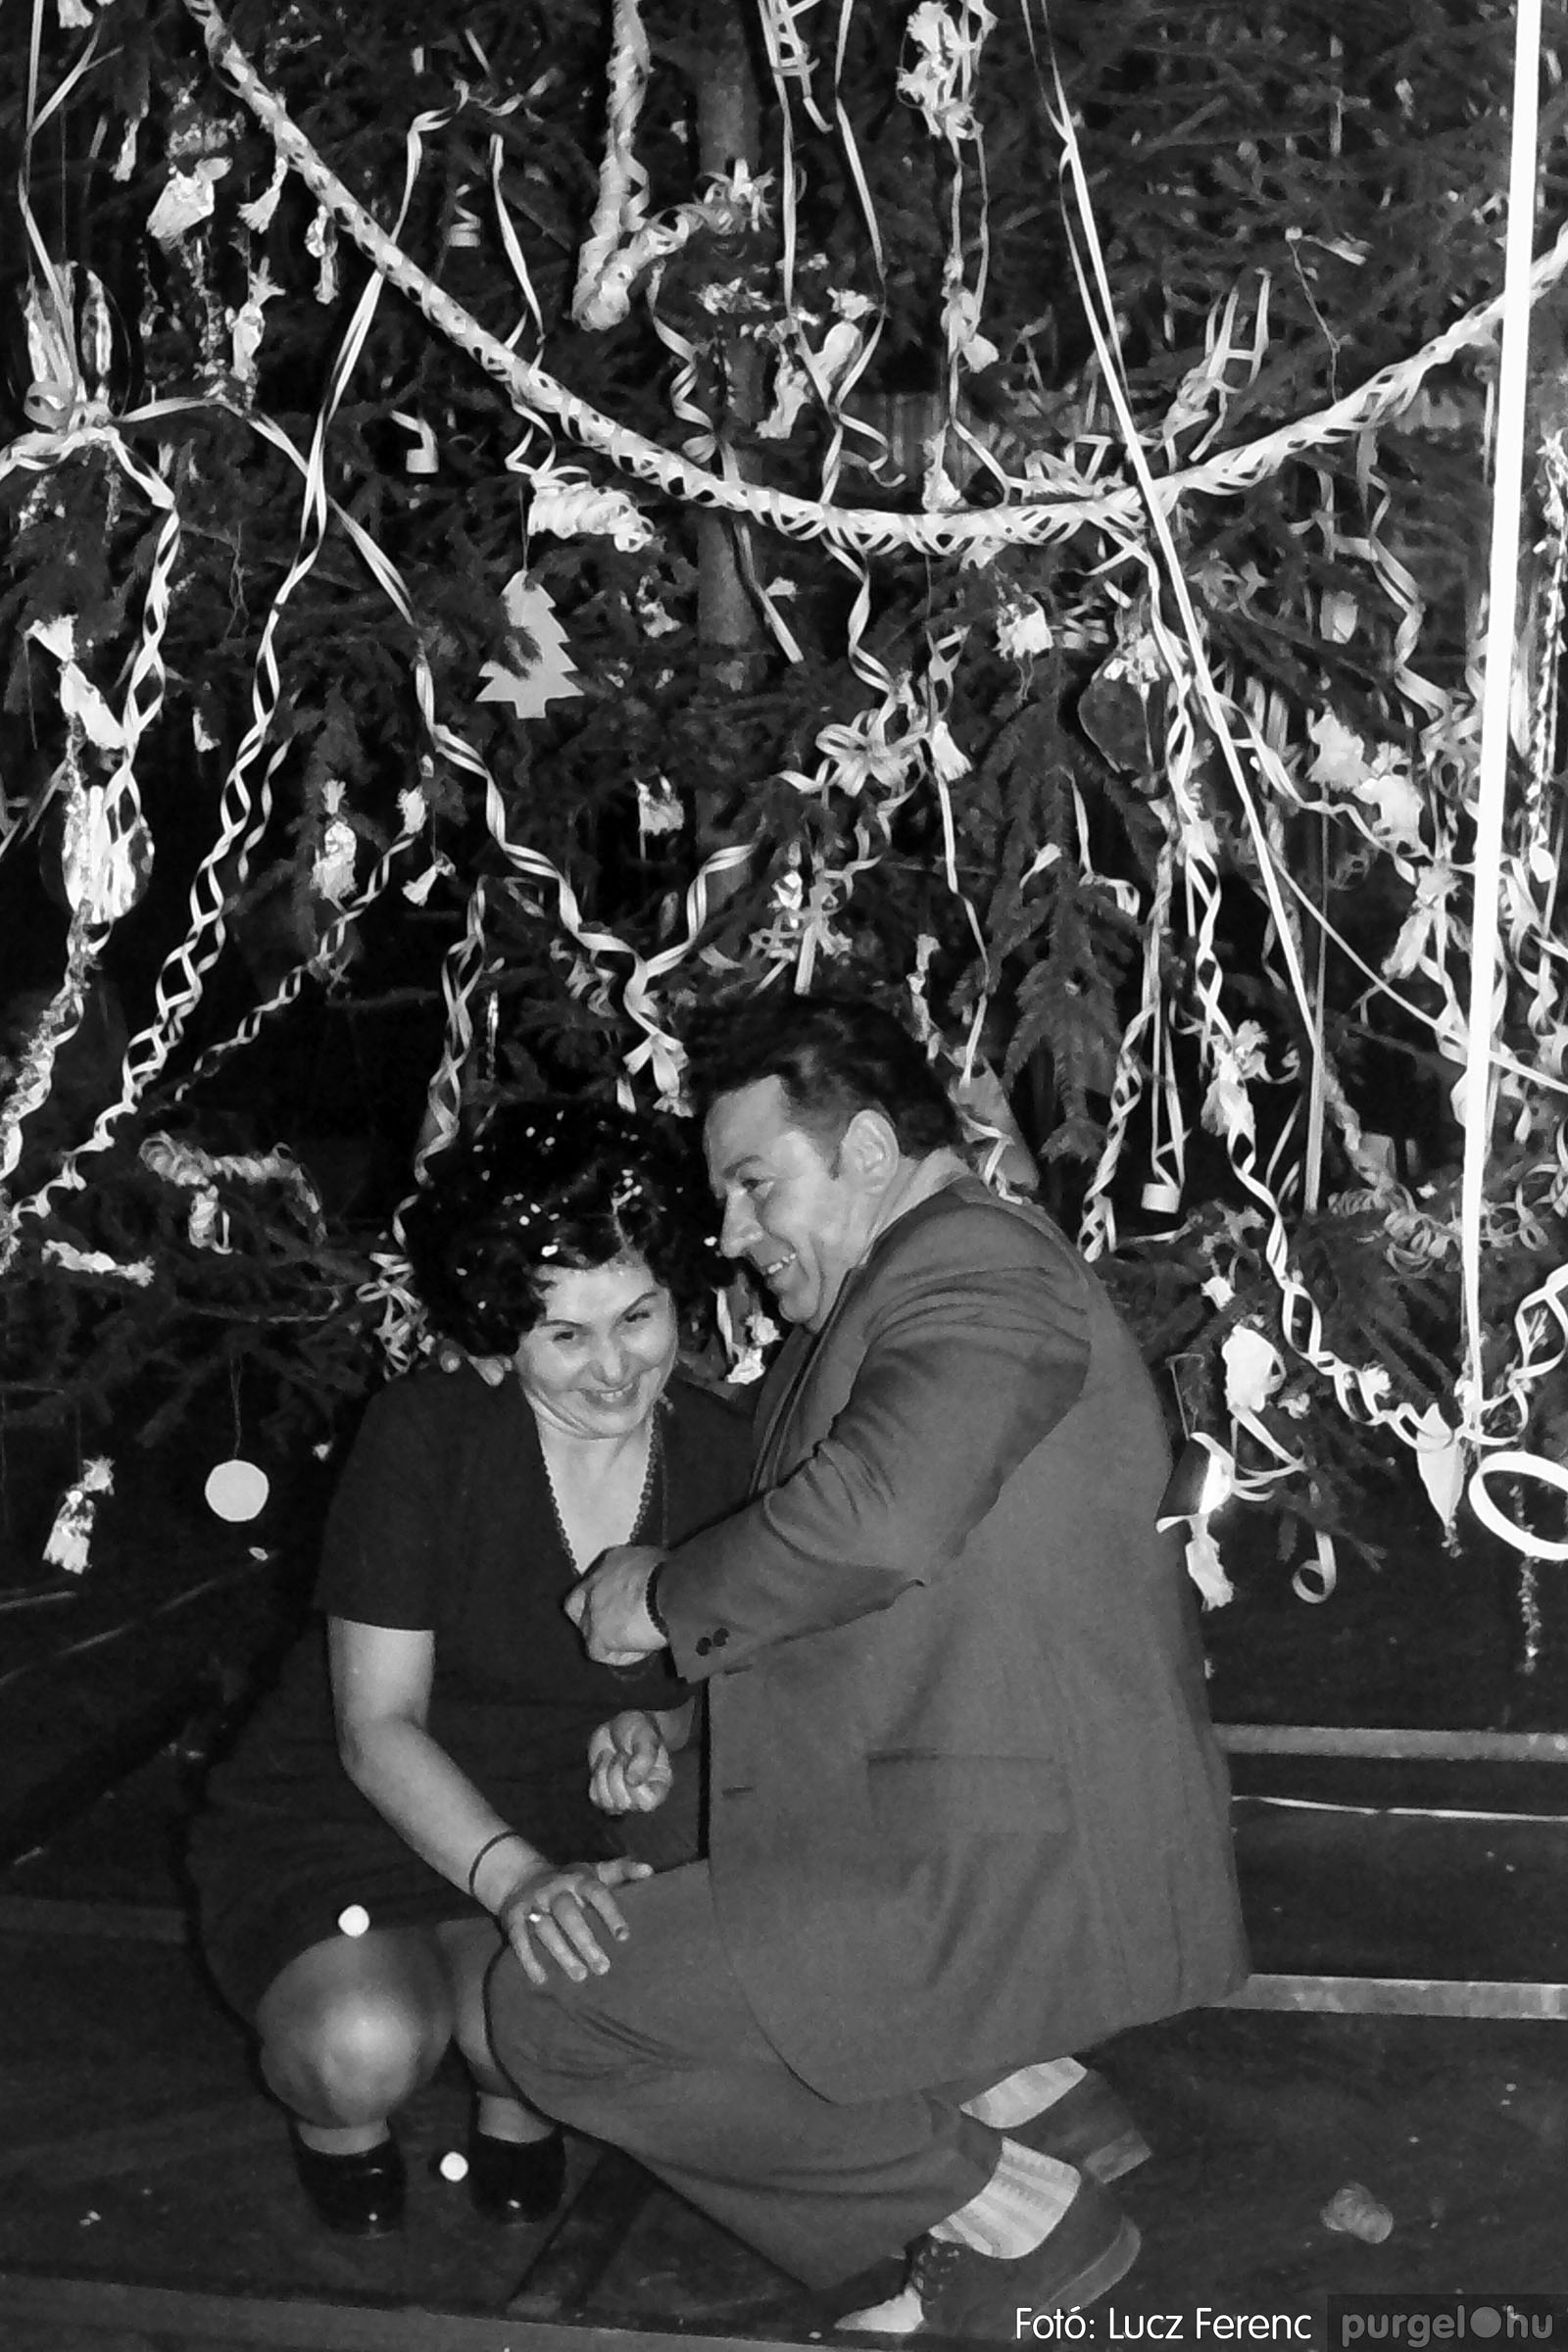 030. 1975.12.31. Szilveszter a kultúrházban 005 - Fotó: Lucz Ferenc.jpg